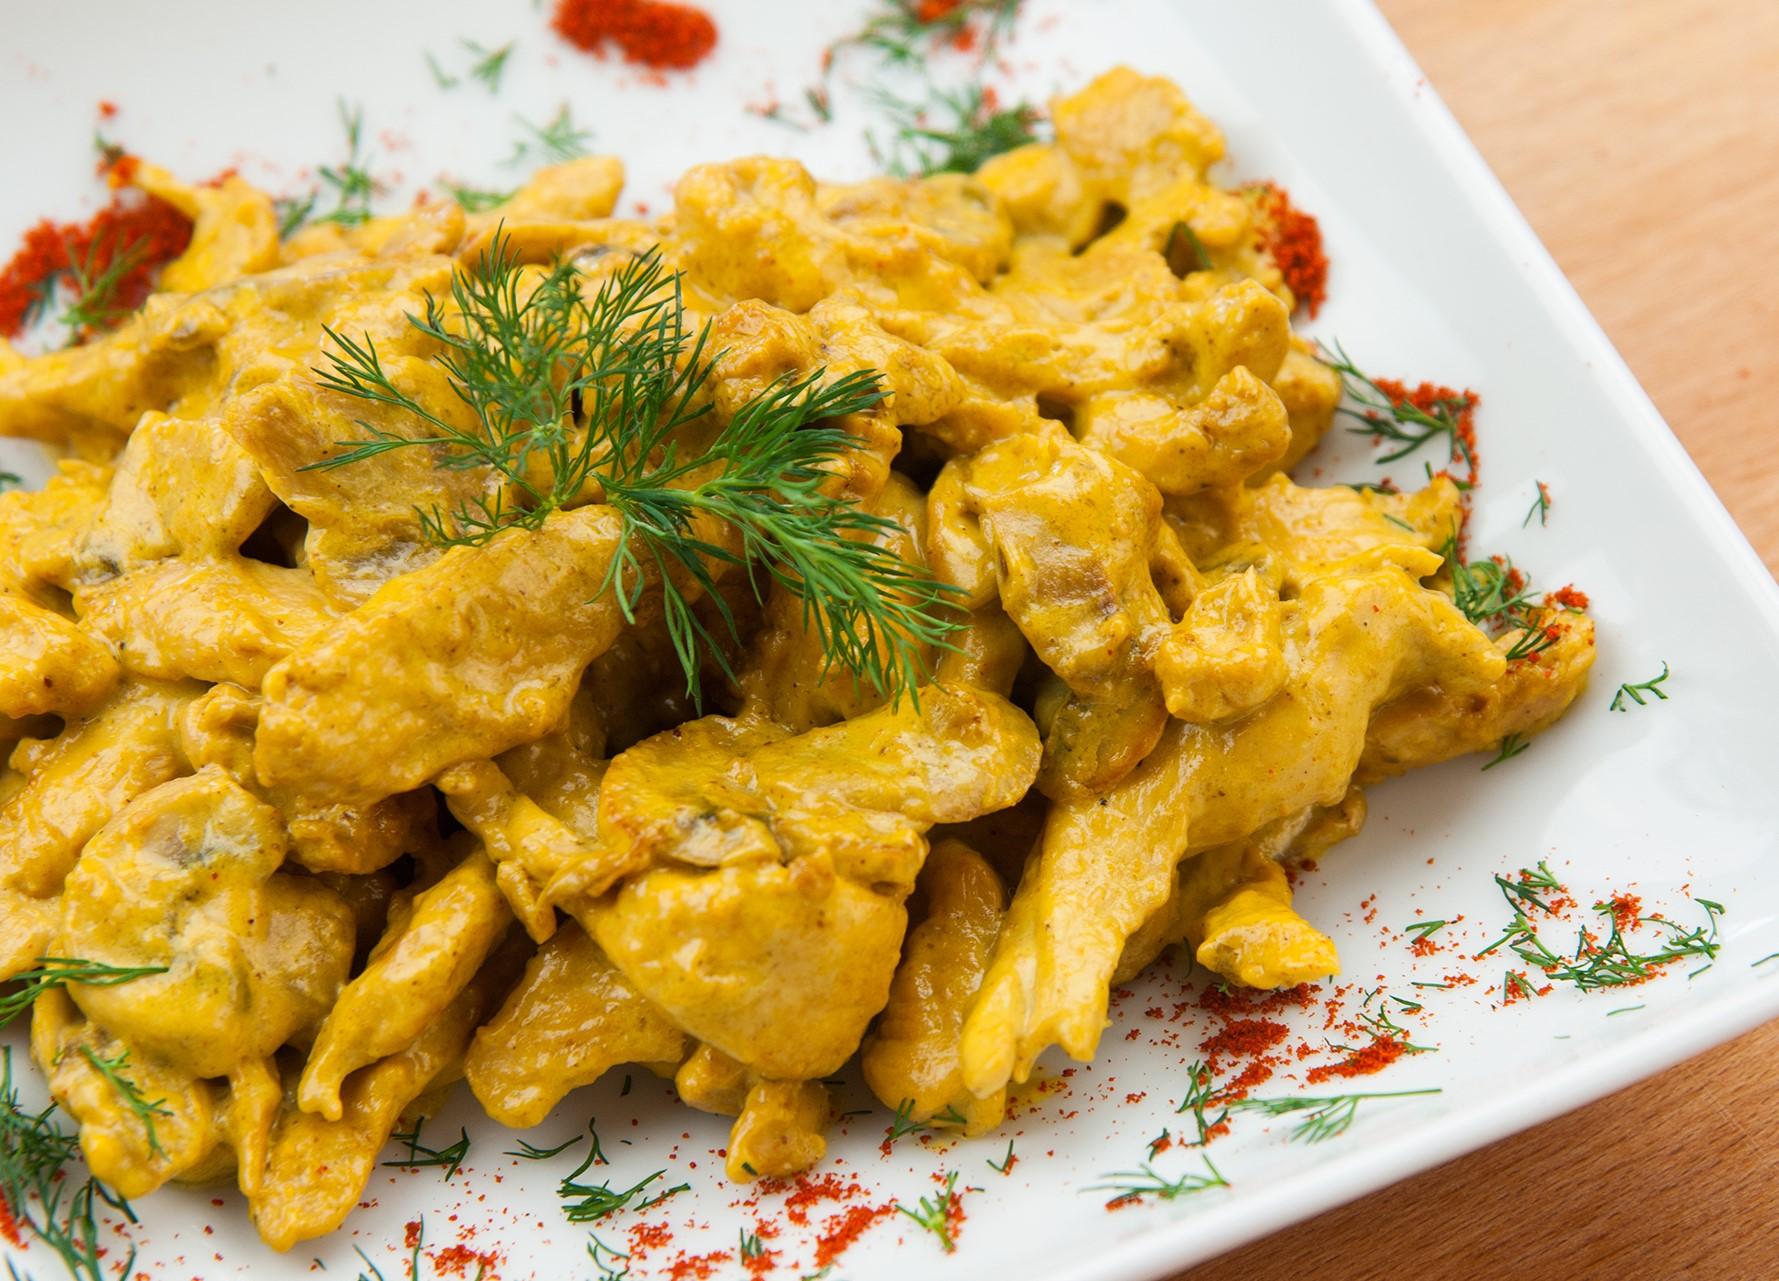 Ramazan menüleri ana yemek önerileri Ramazan a yakışacak en iyi 20 yemek önerisi ve tarifleri